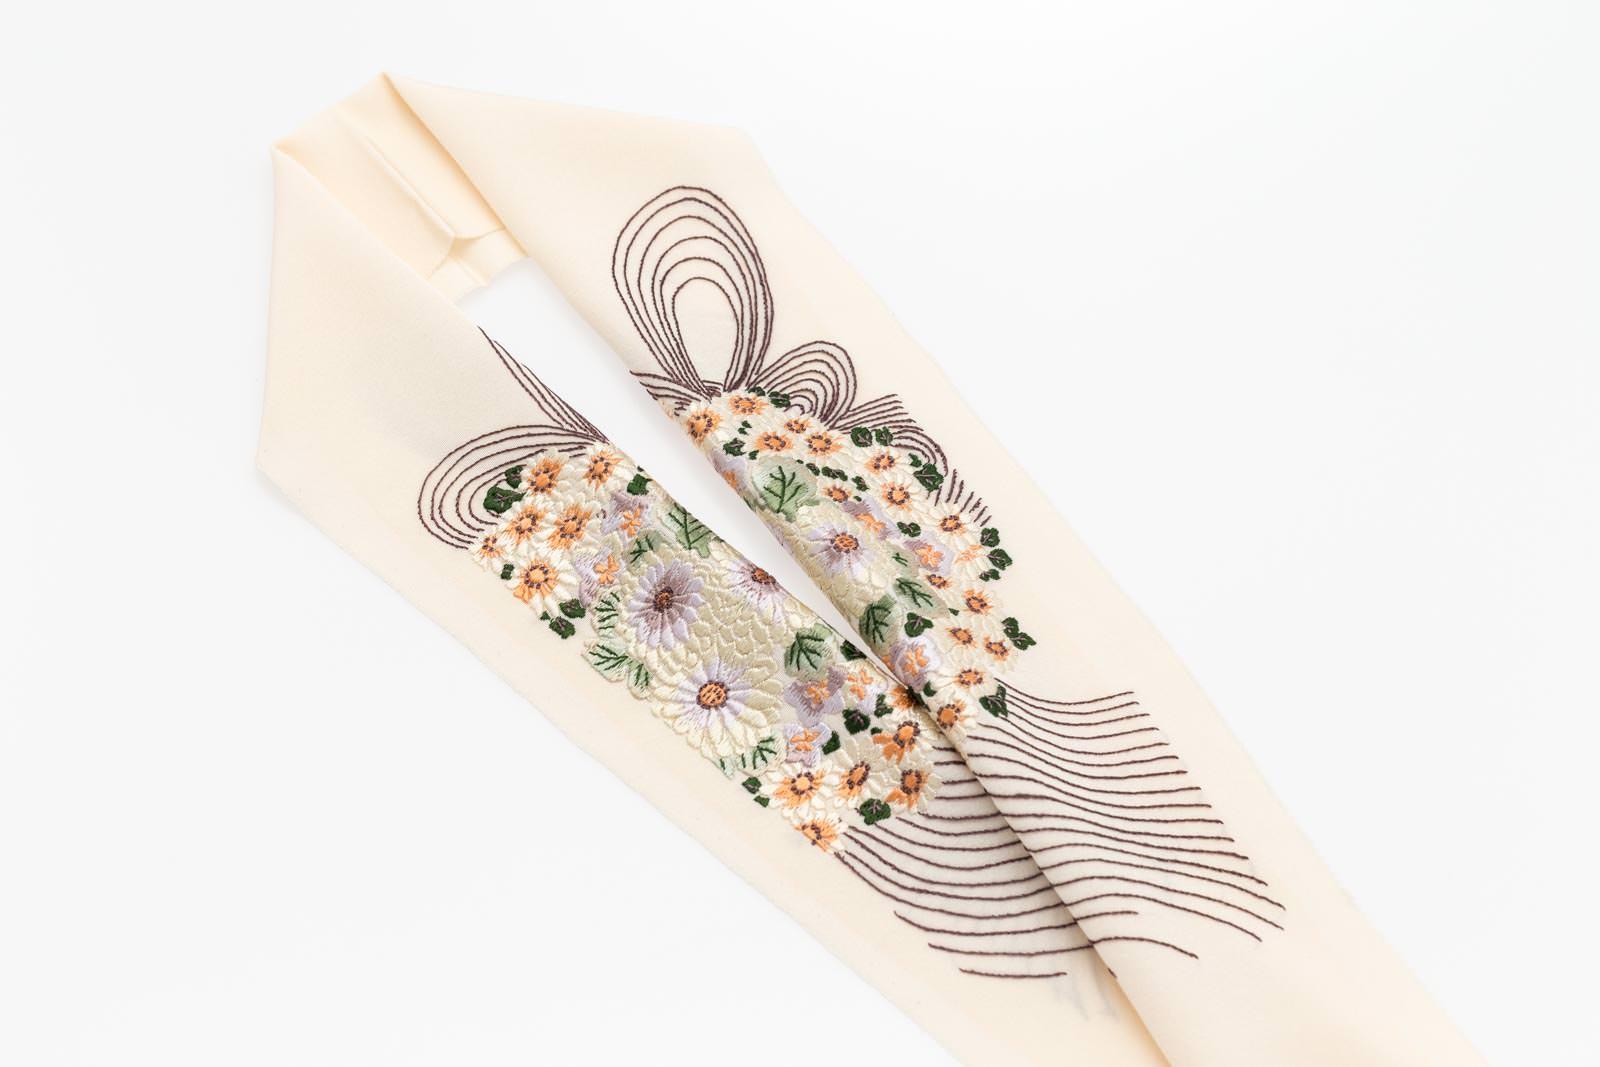 手刺繍 半襟 パールトーン加工済 シルク100% 塩瀬 手刺繍 半衿 鳥の子色 むすび